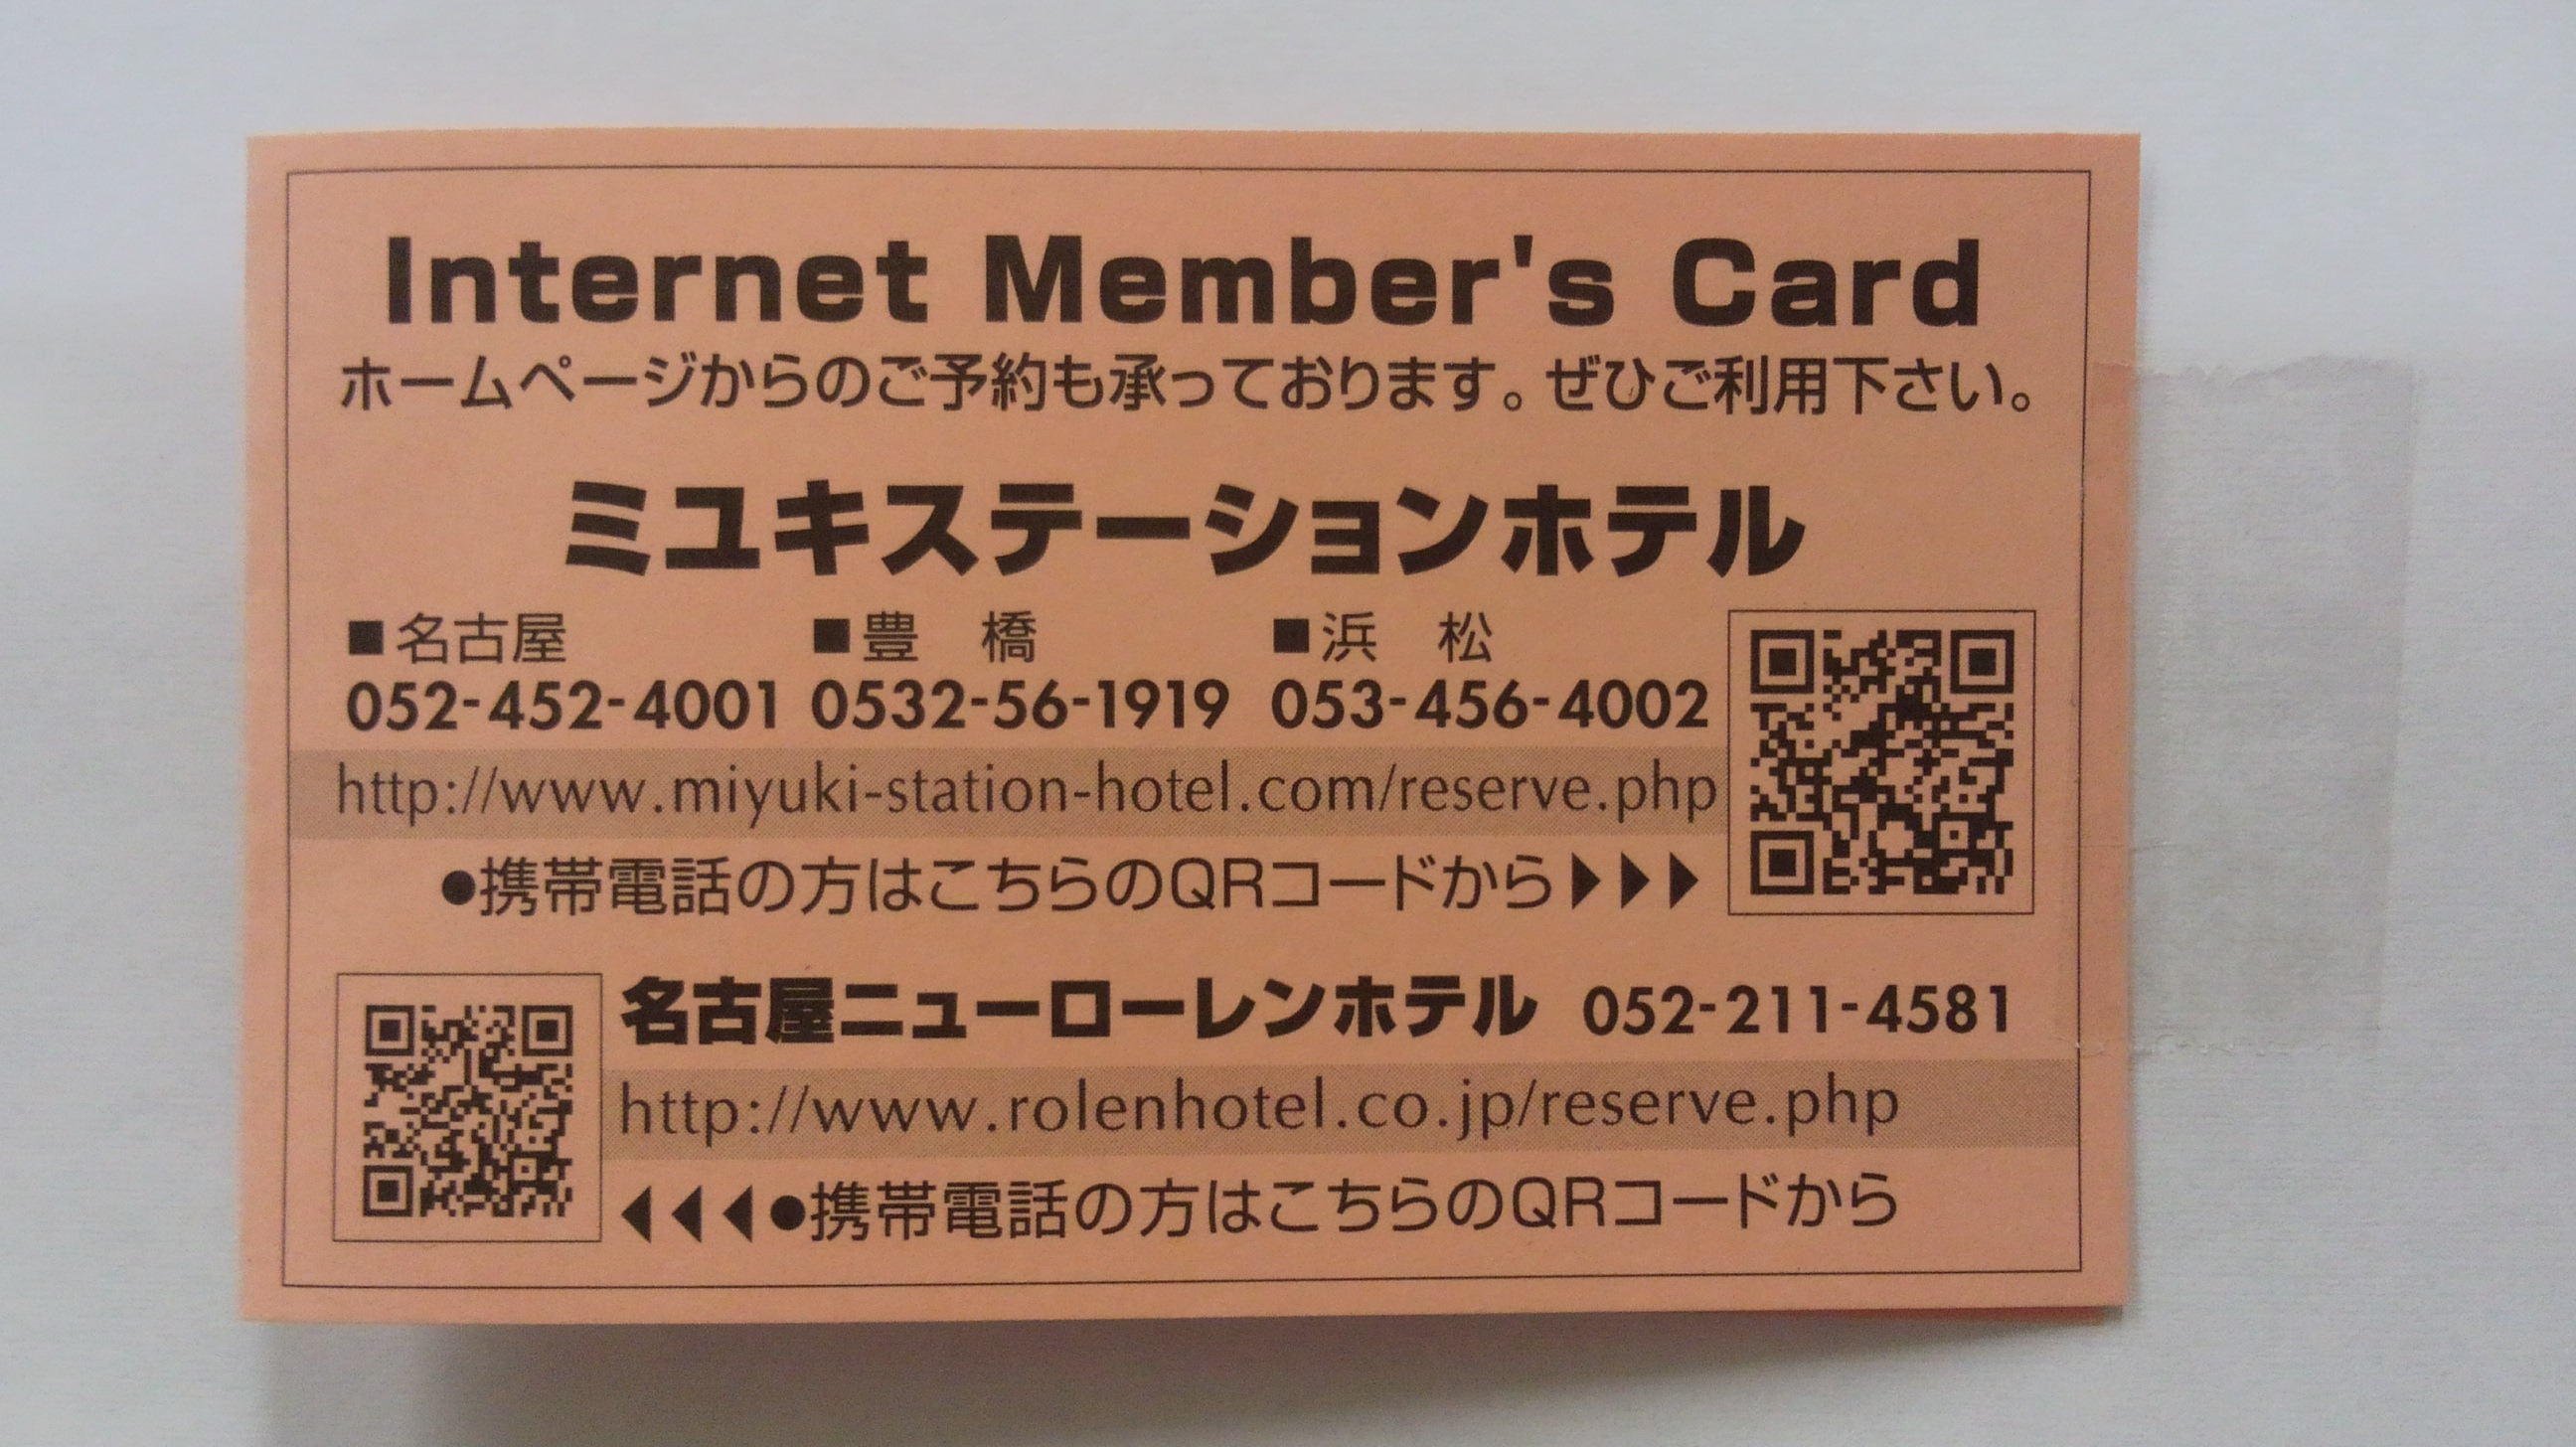 インターネット専用カード